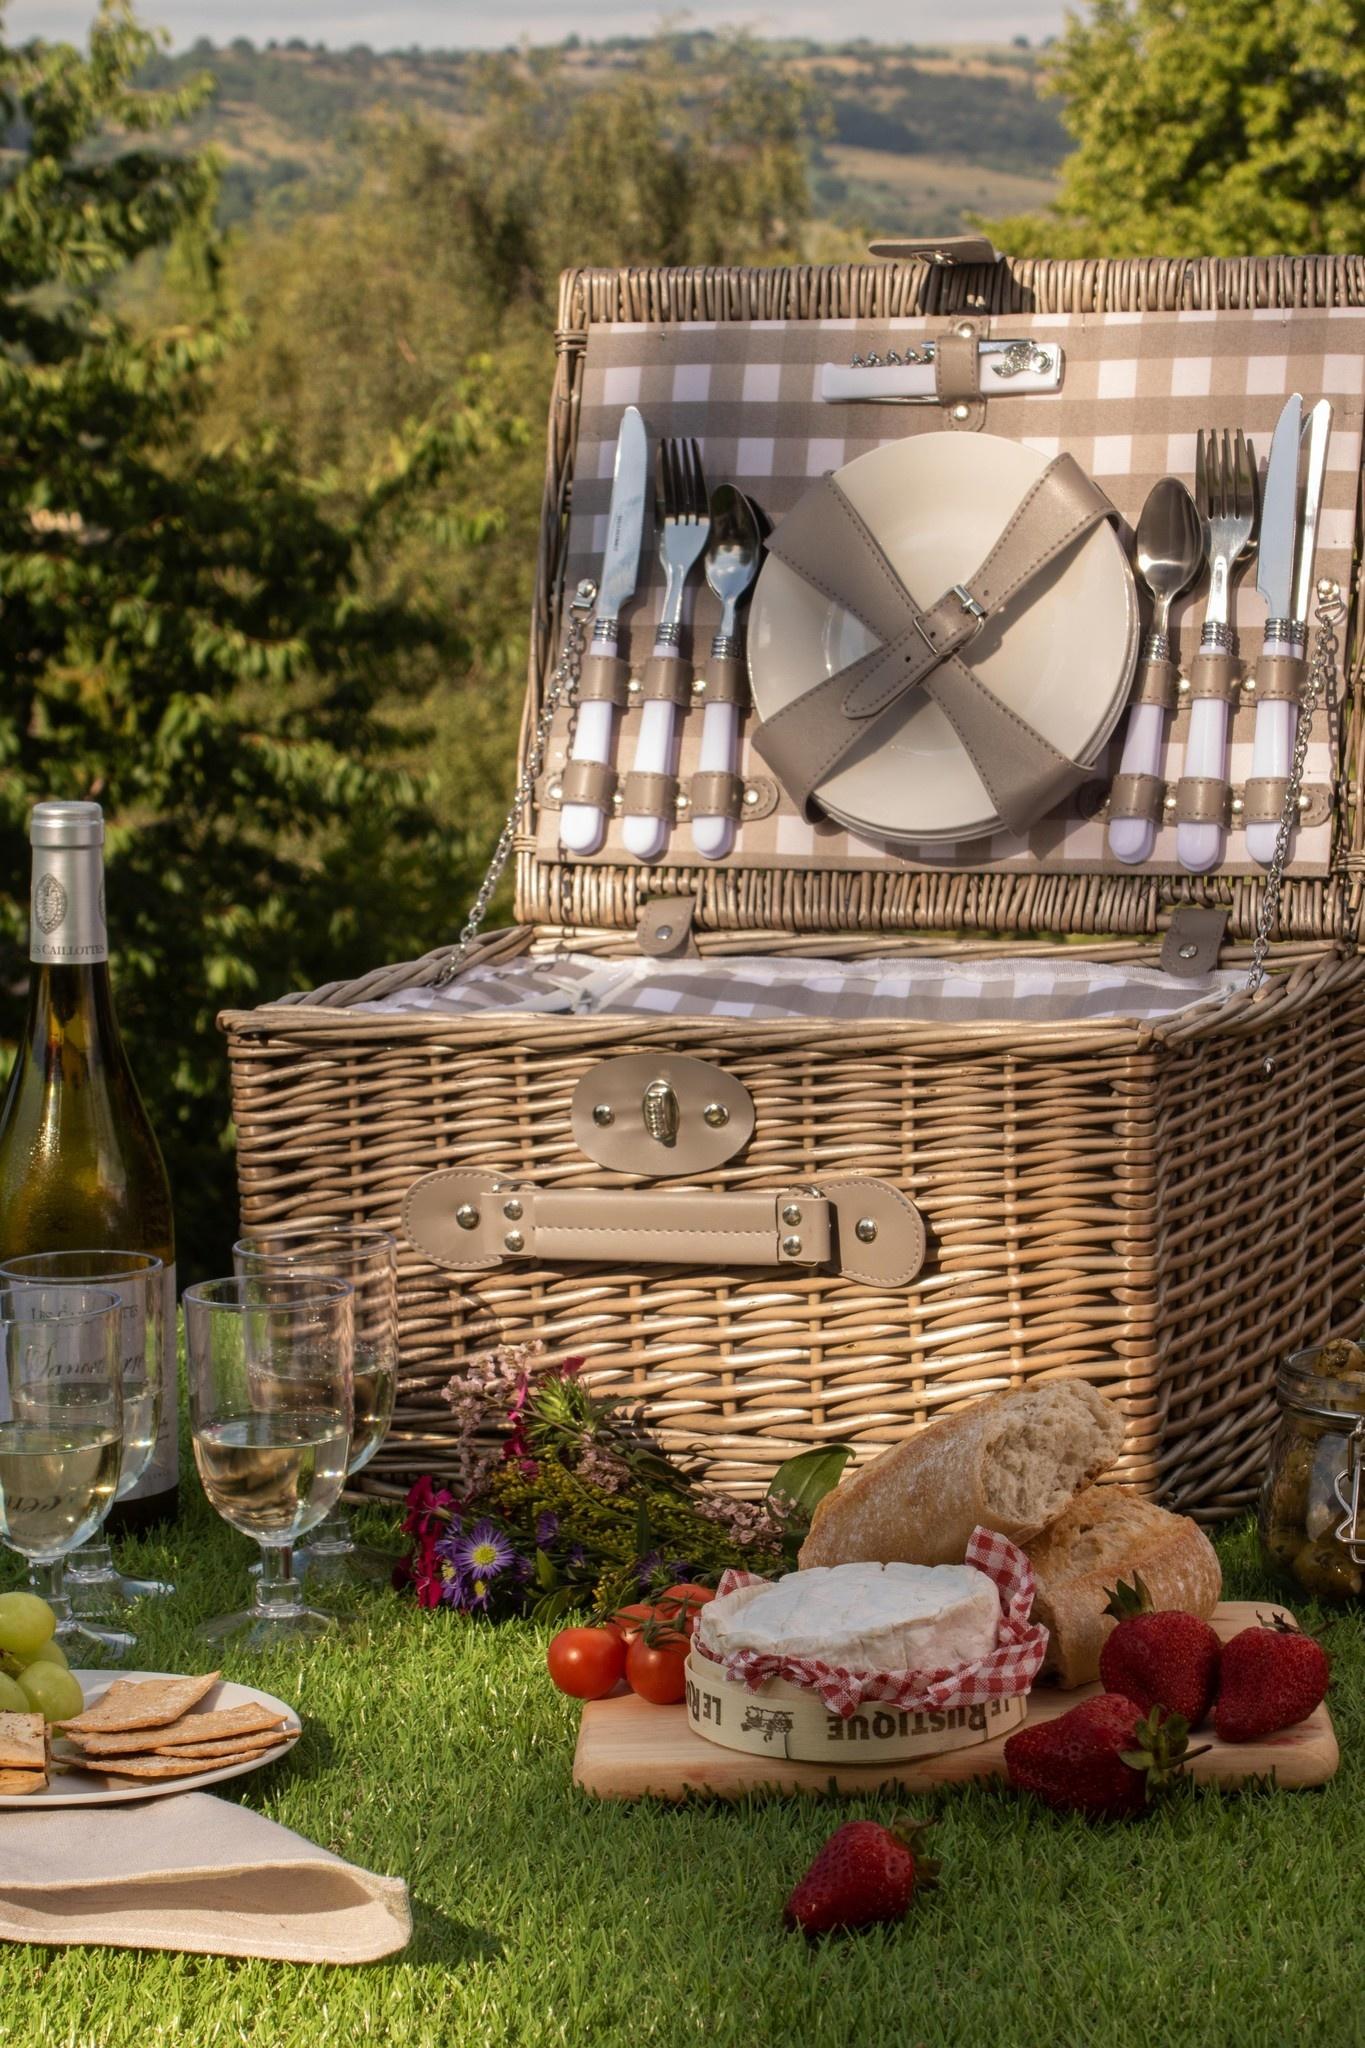 Picknickmanden voor 2 personen - Hoe creëer je de perfecte set picknickmanden?